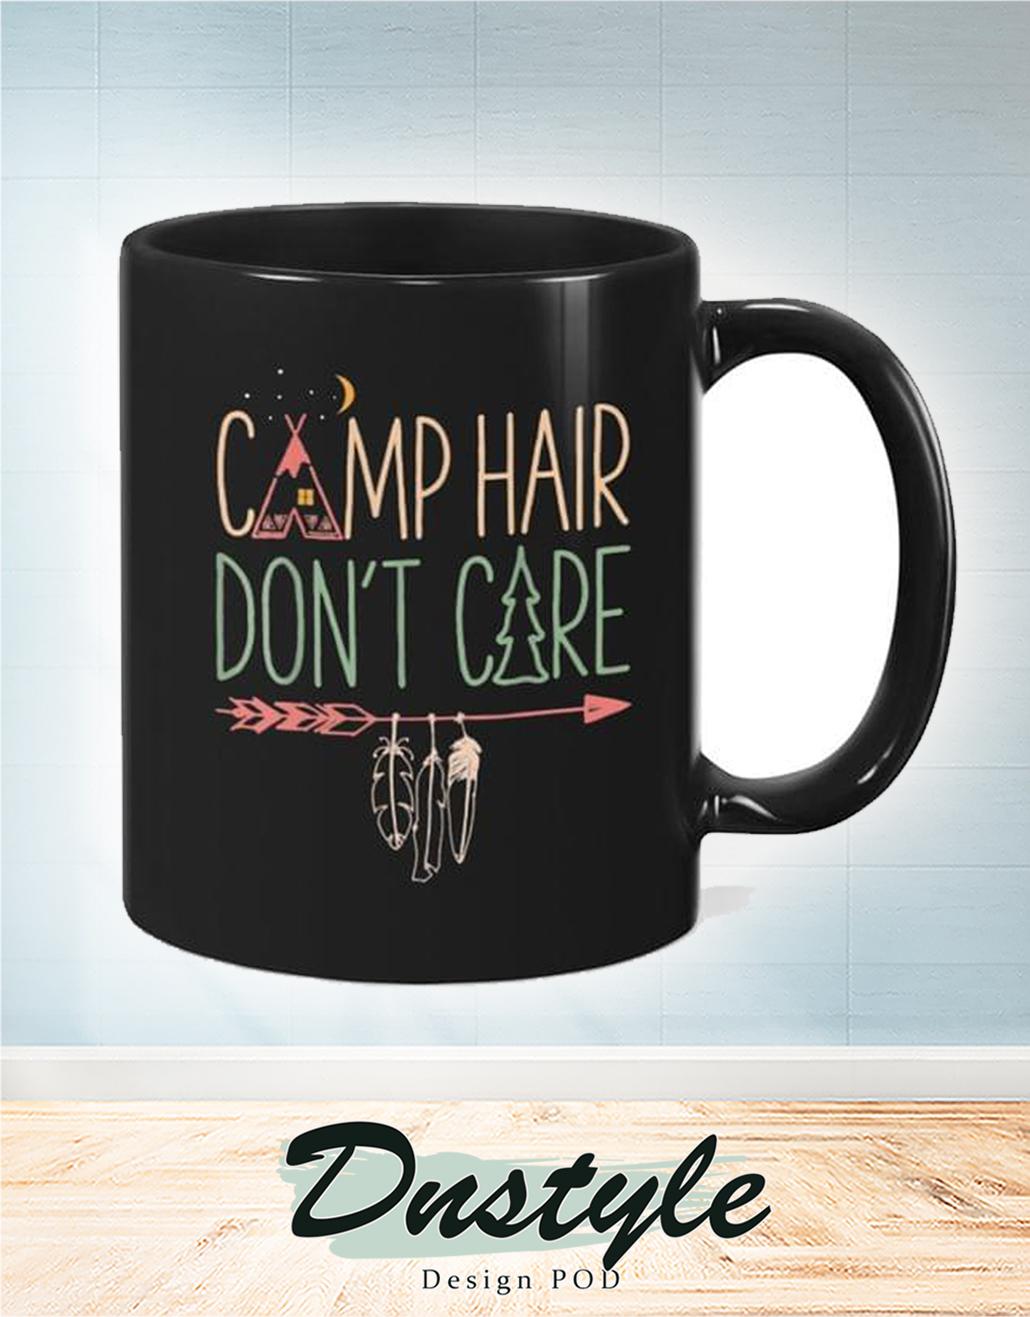 Camp hair don't care mug 1